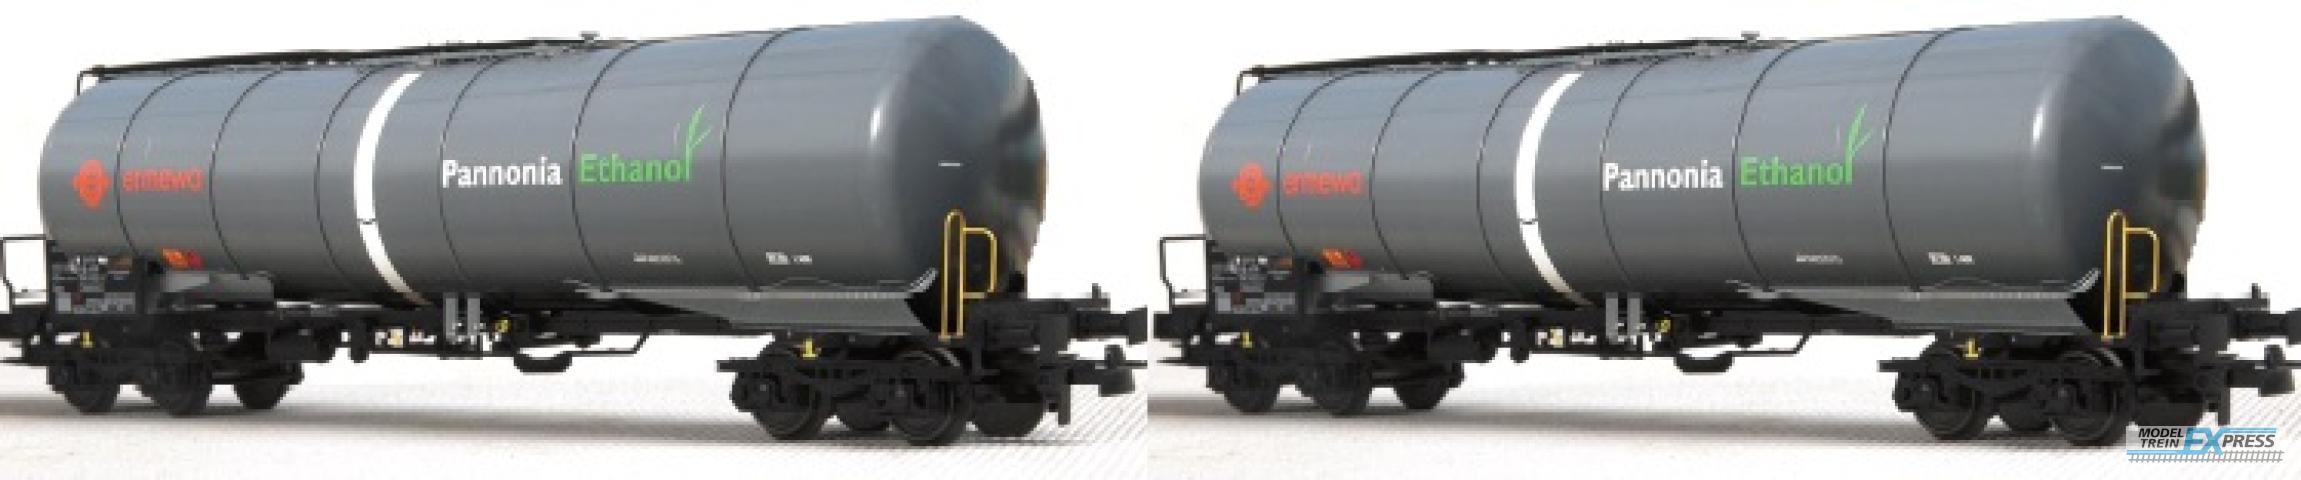 B-Models 81054